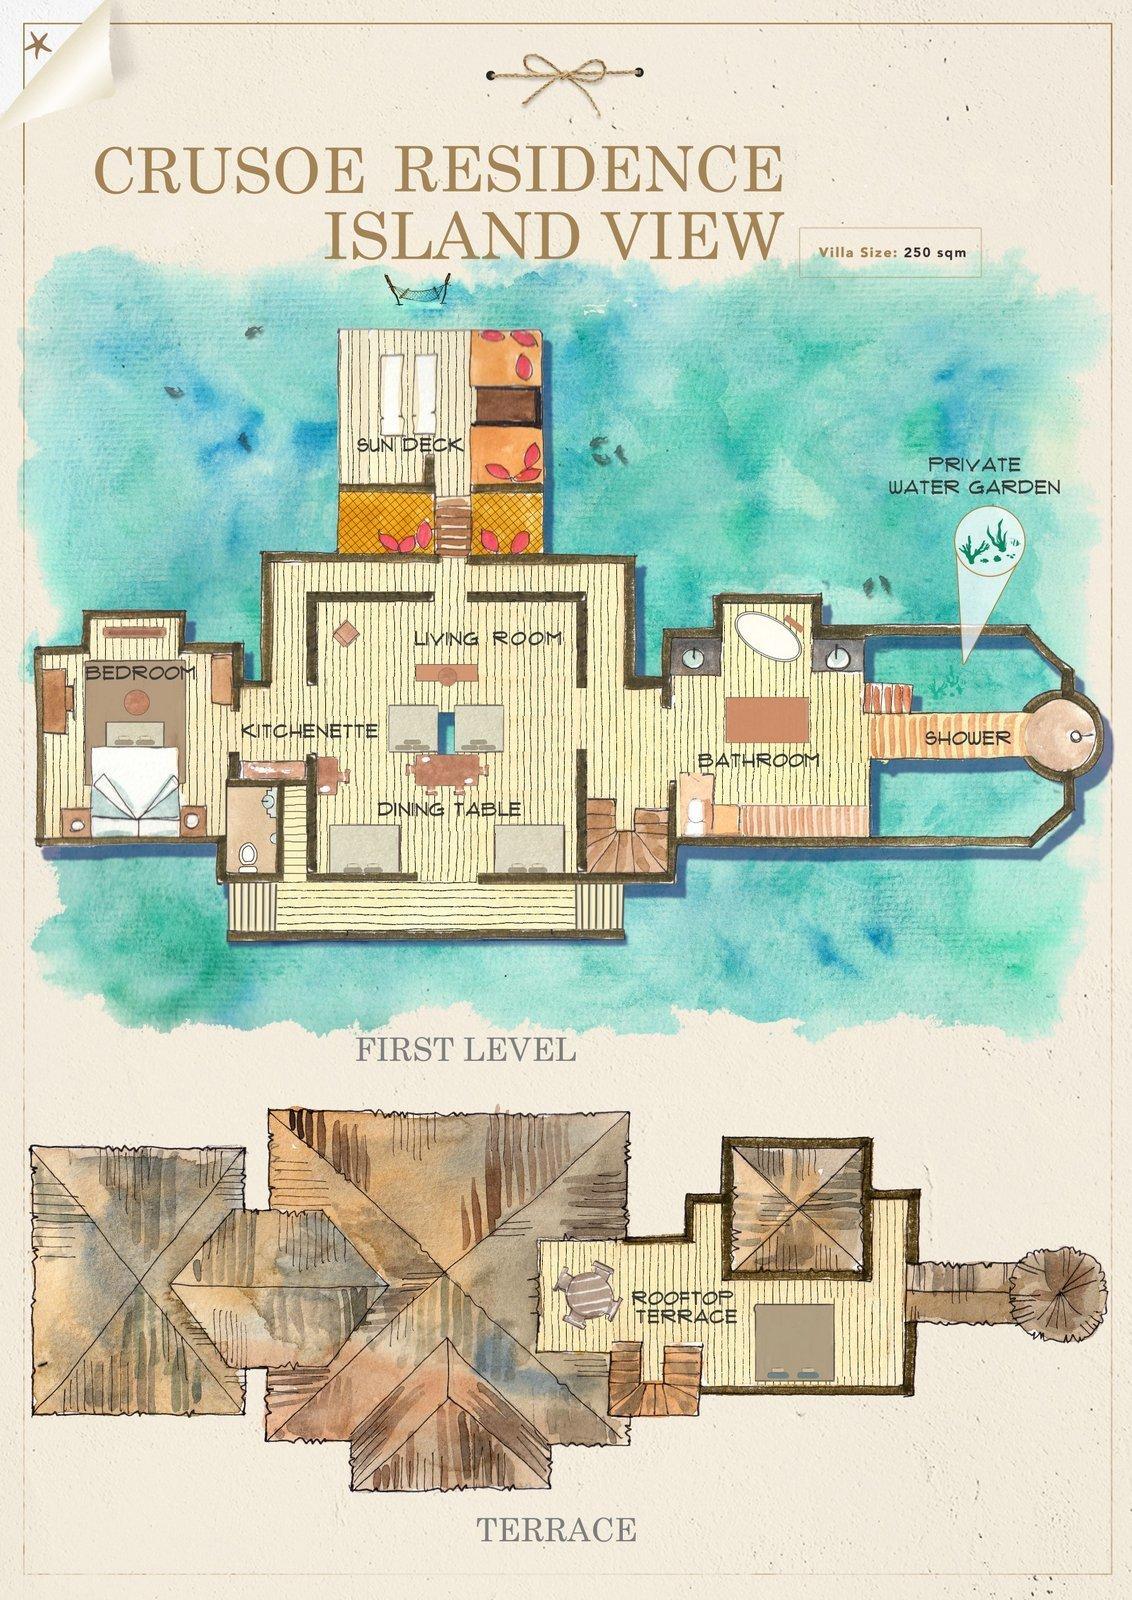 Мальдивы, отель Gili Lankanfushi Maldives, план-схема номера Crusoe Residence